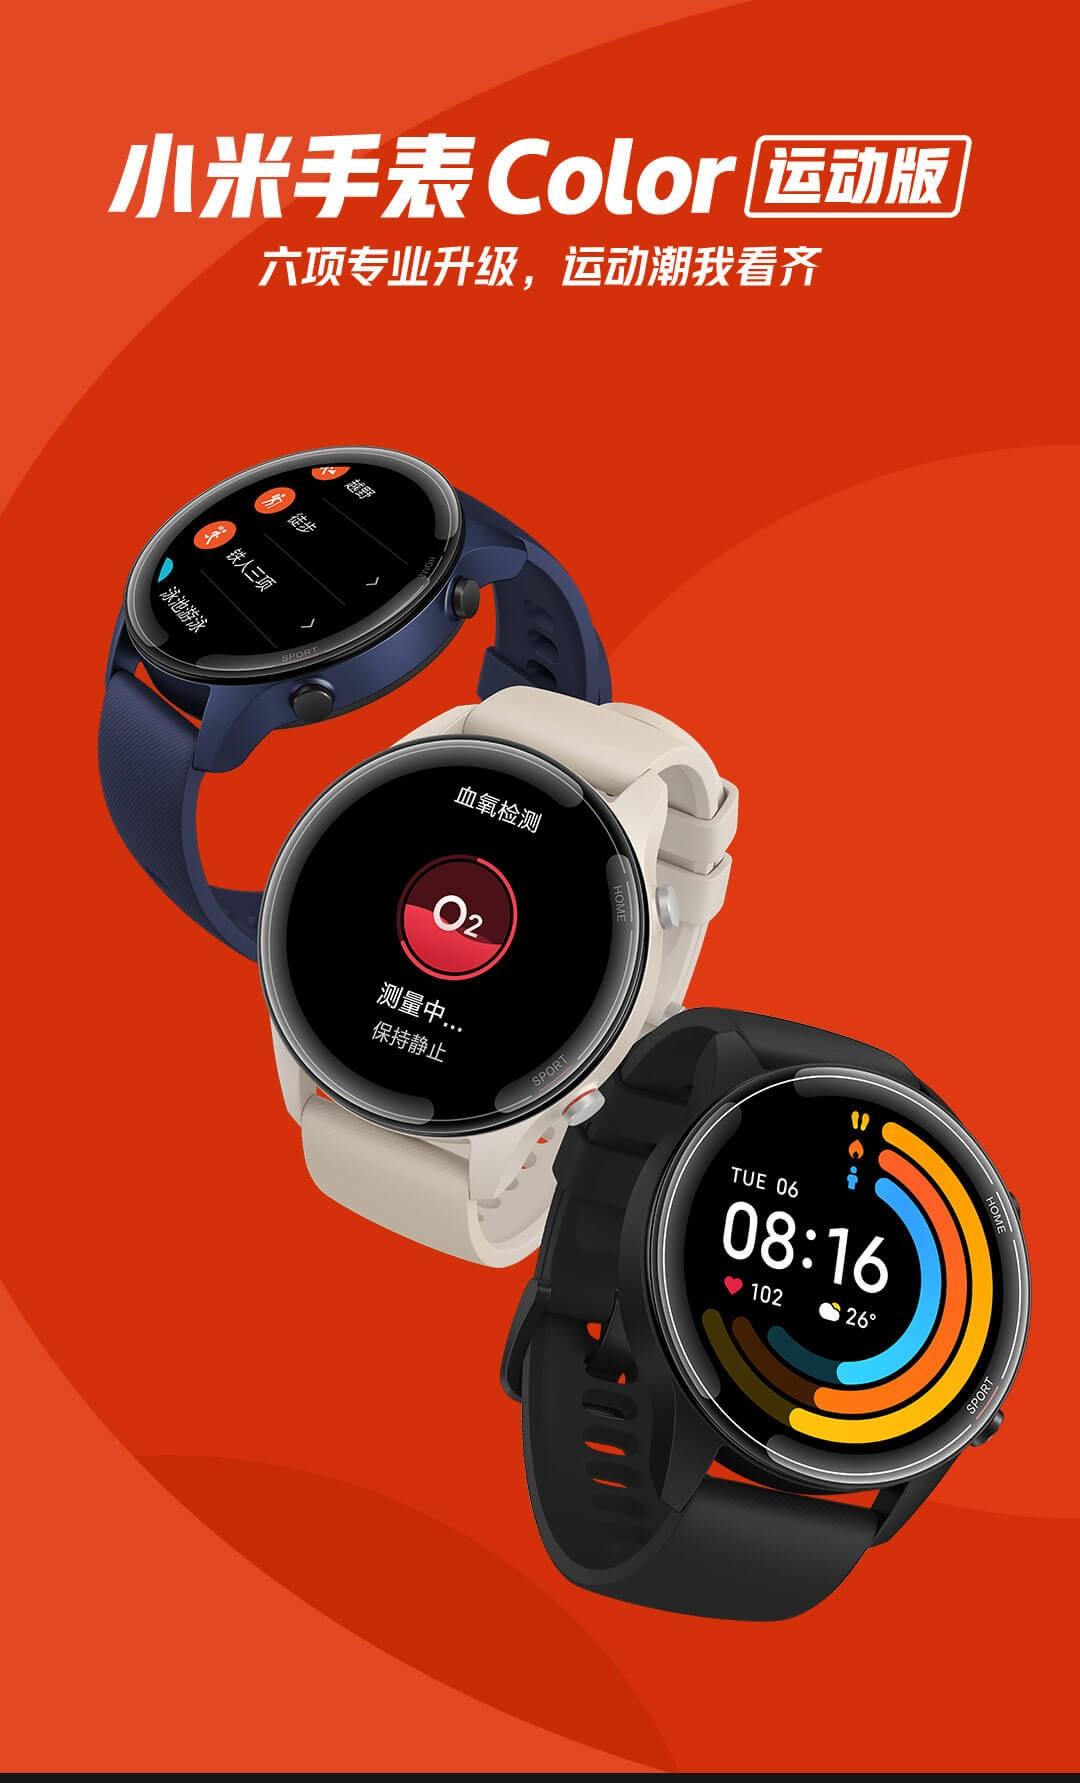 Xiaomi Mi Color Watch Sports Edition